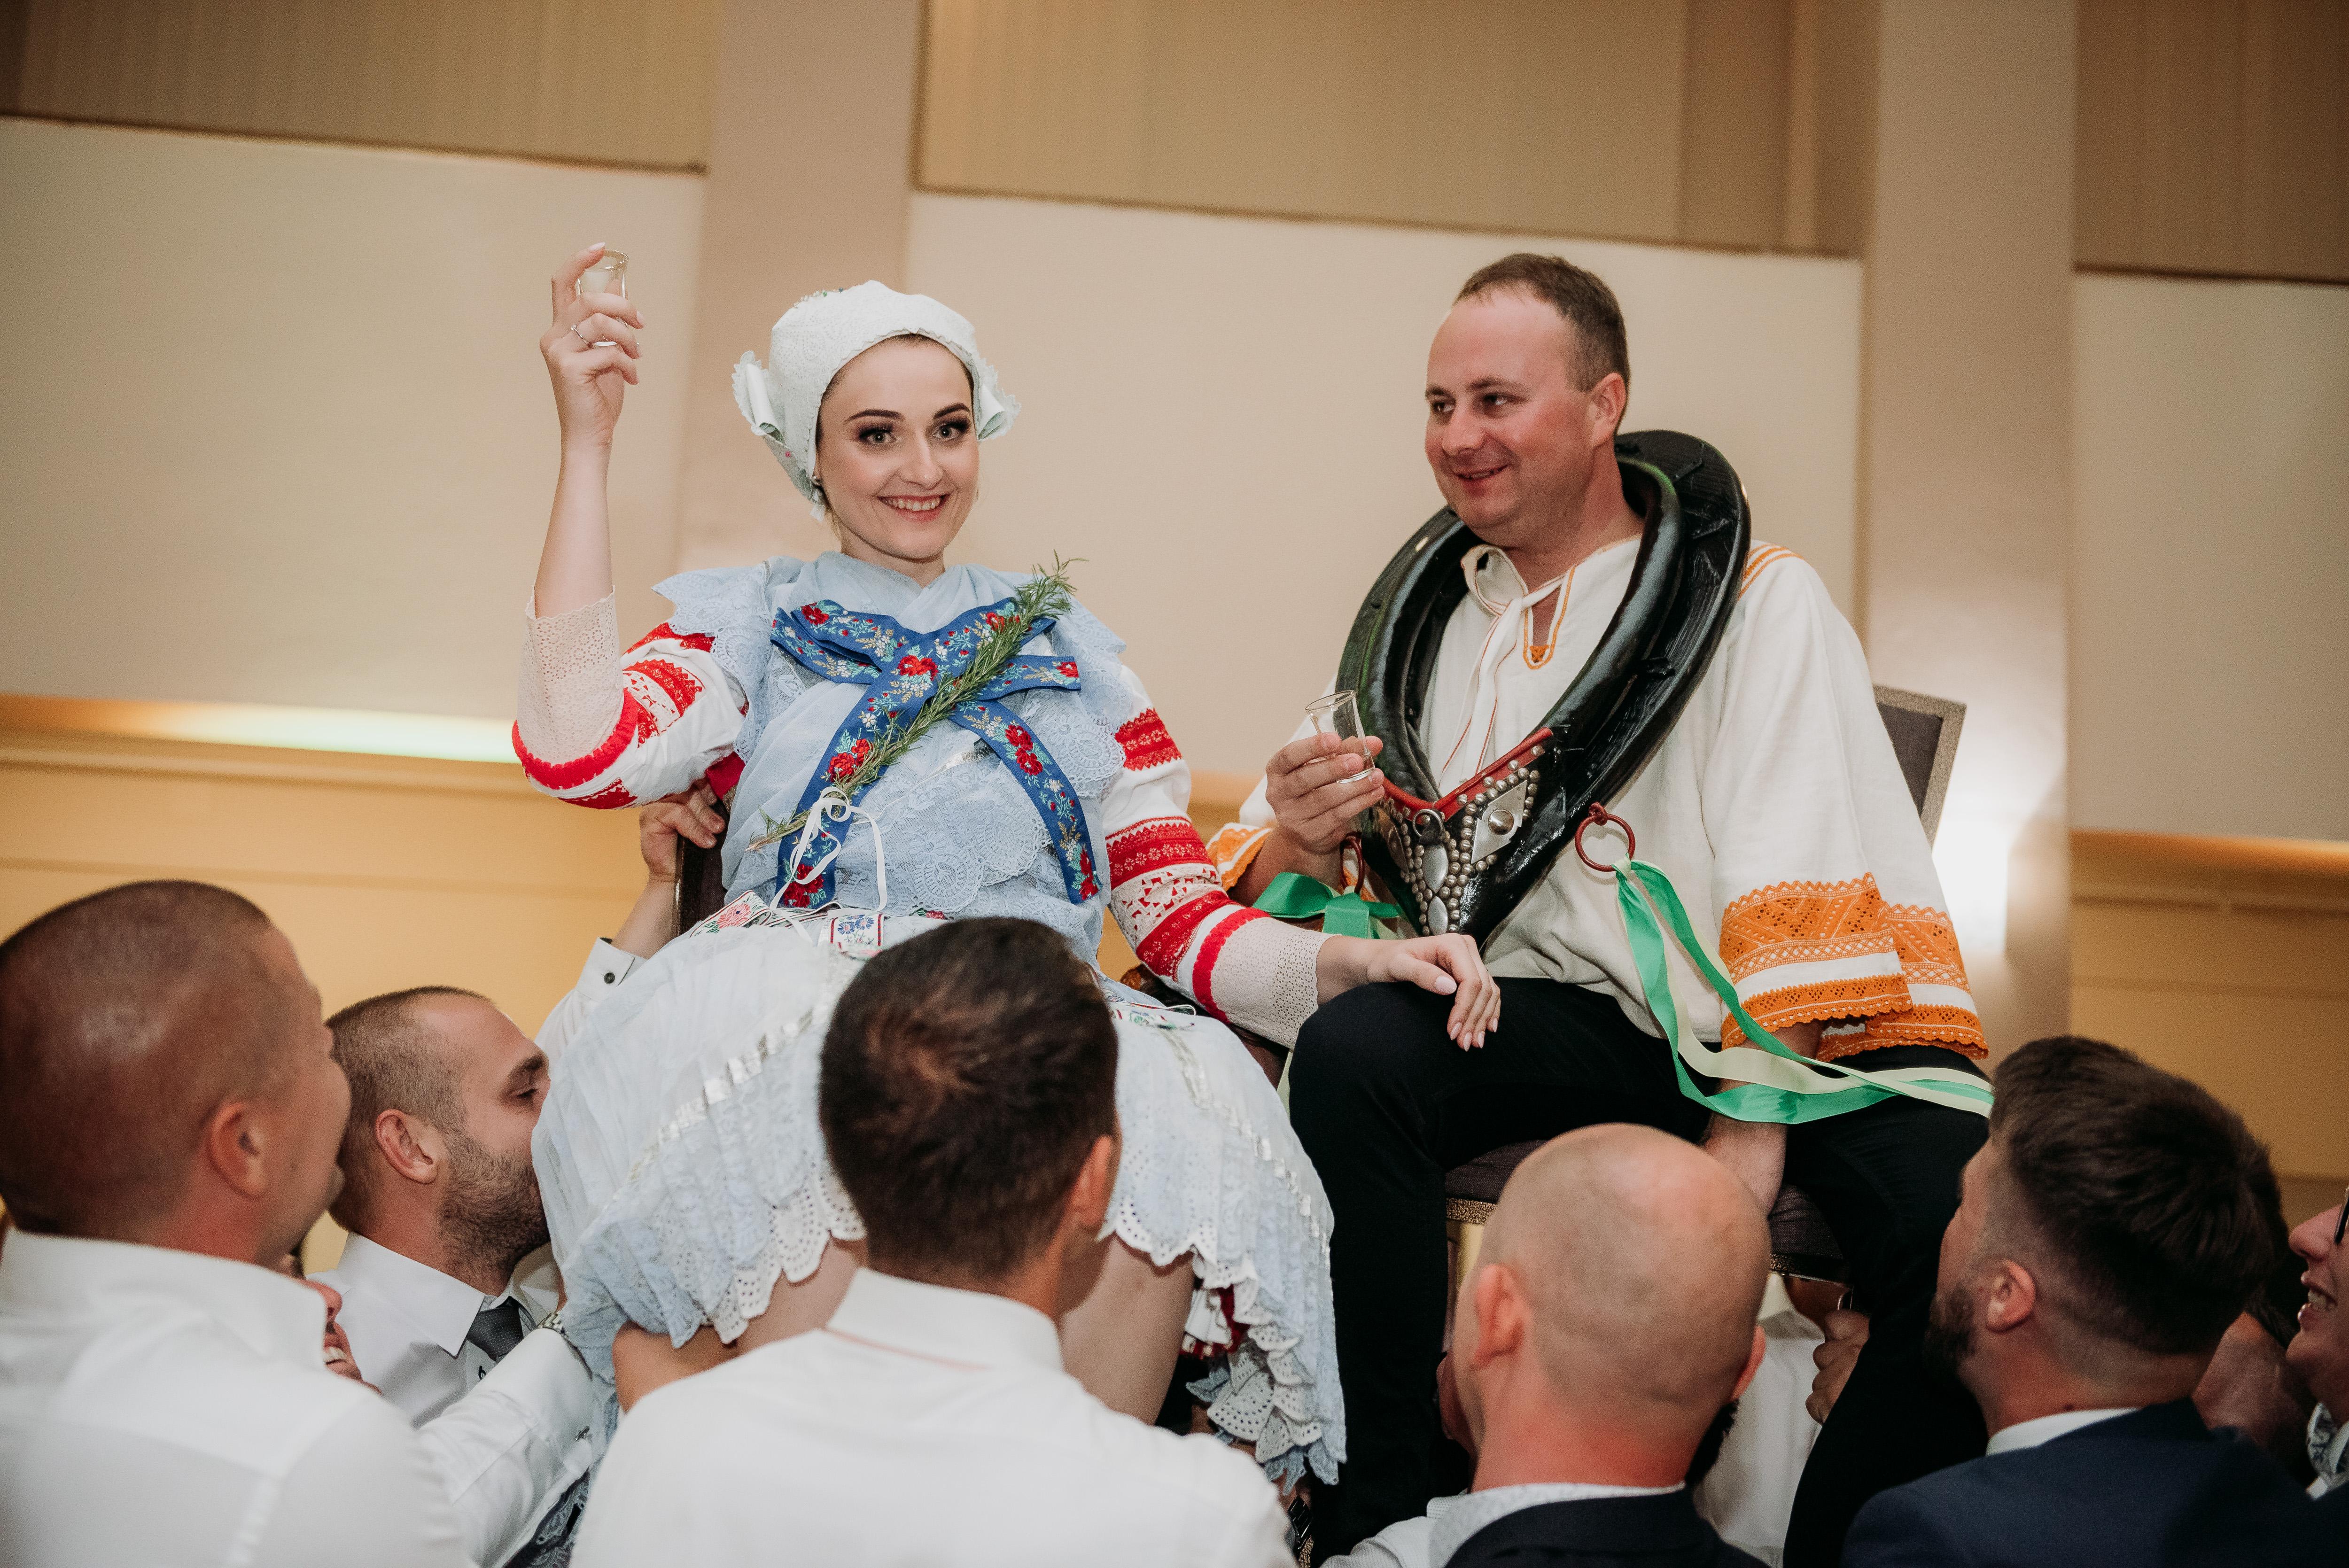 Svadba Výčapy-Opatovce, Svadba Kultúrny Dom 04